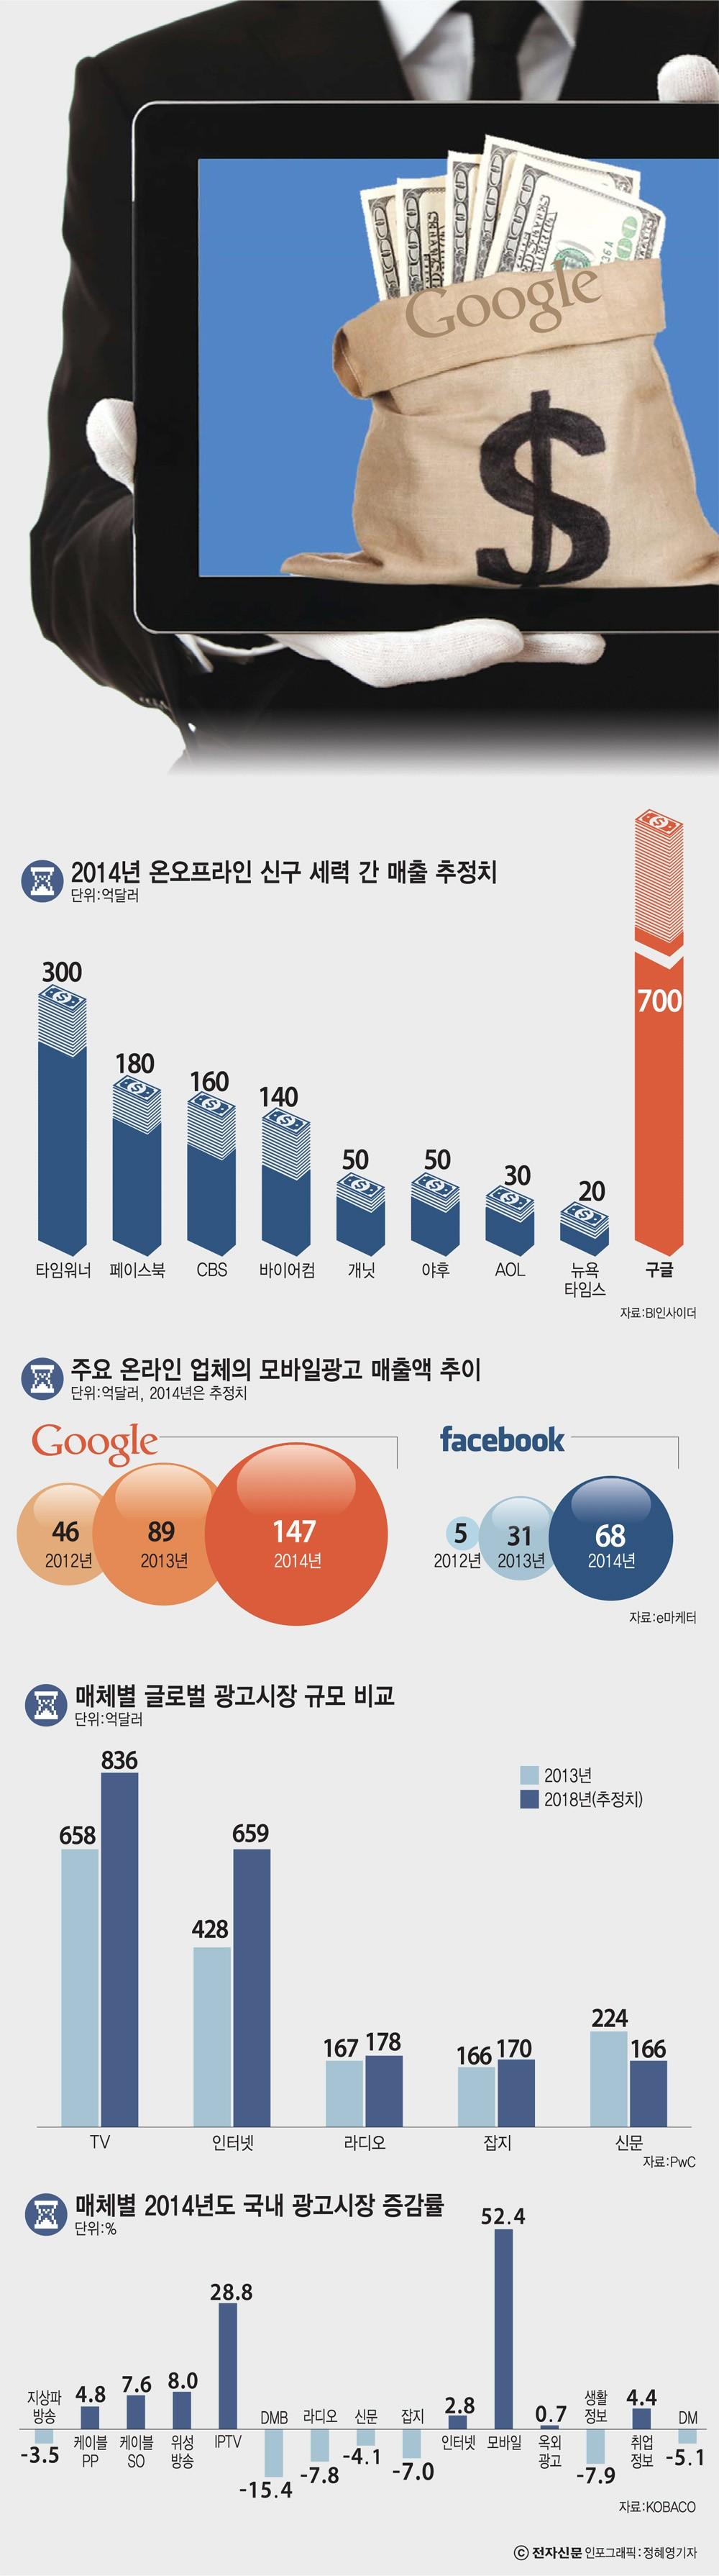 [이슈분석] 국내 모바일 광고시장 급성장